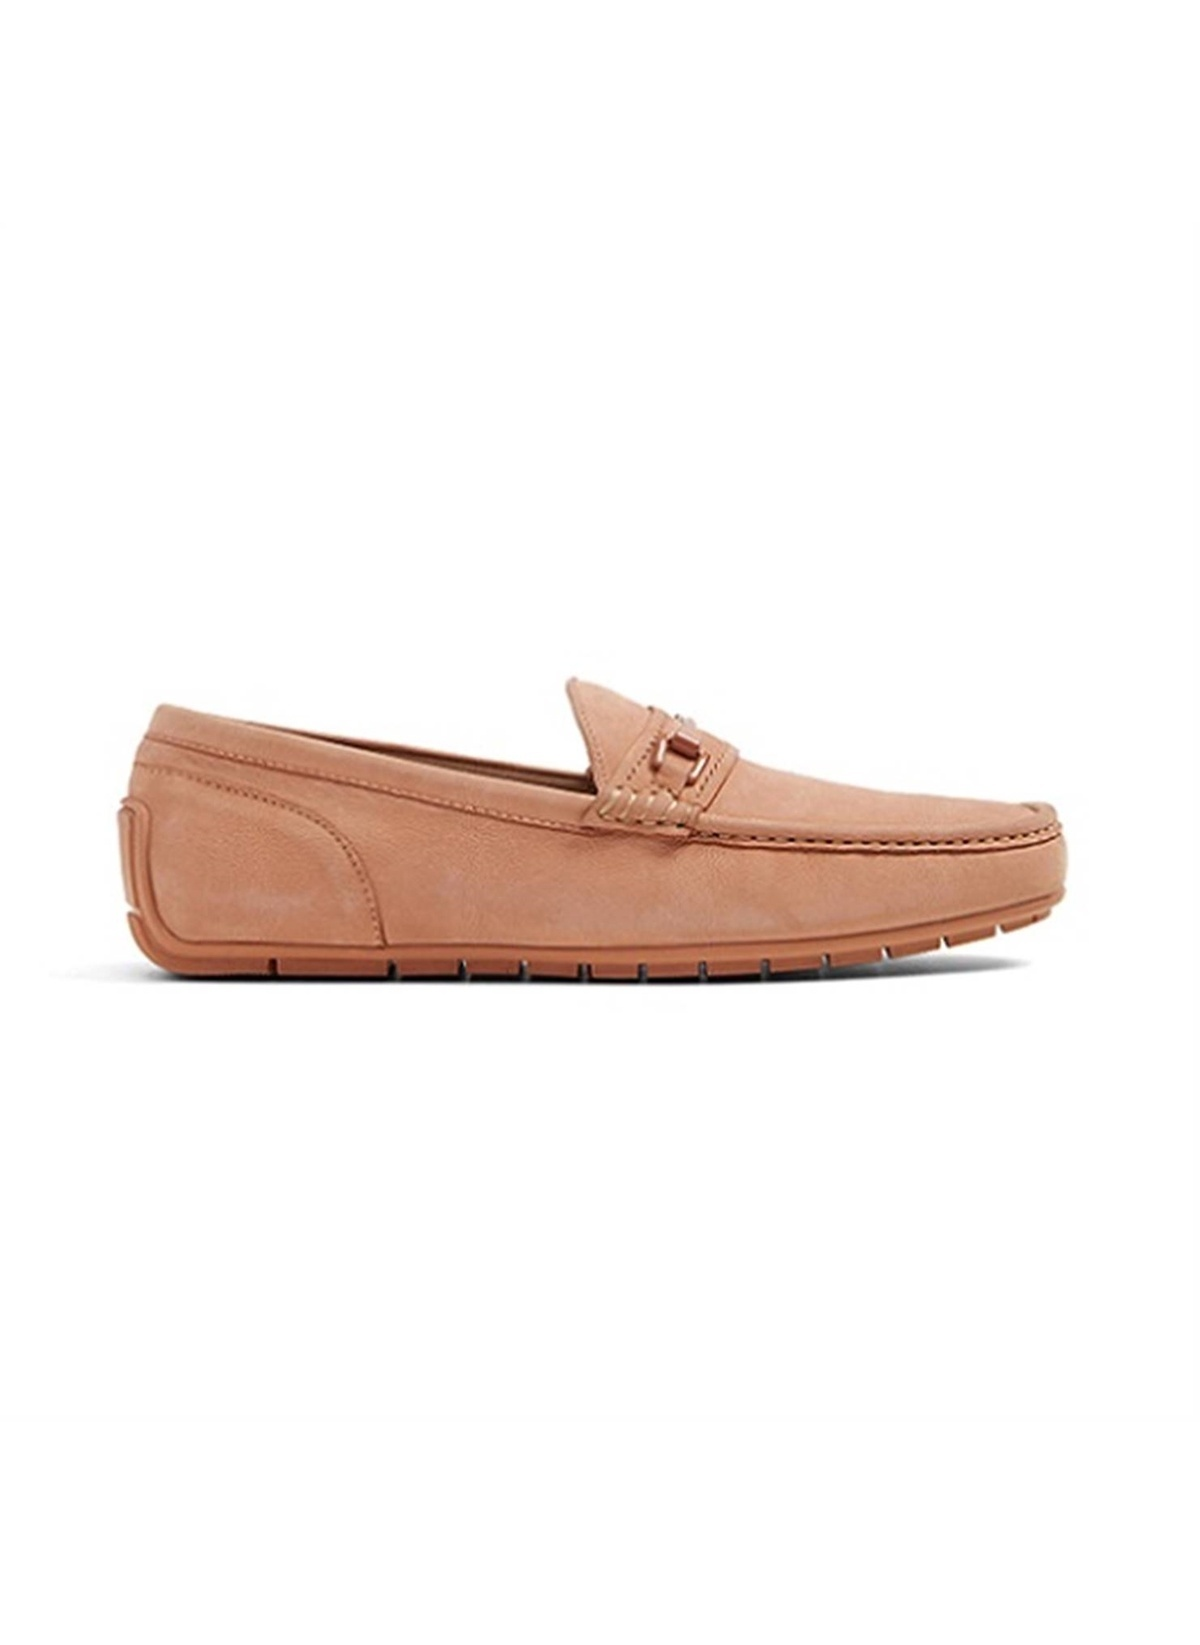 Aldo Loafer Ayakkabı Meledor Ayakkabı – 179.0 TL